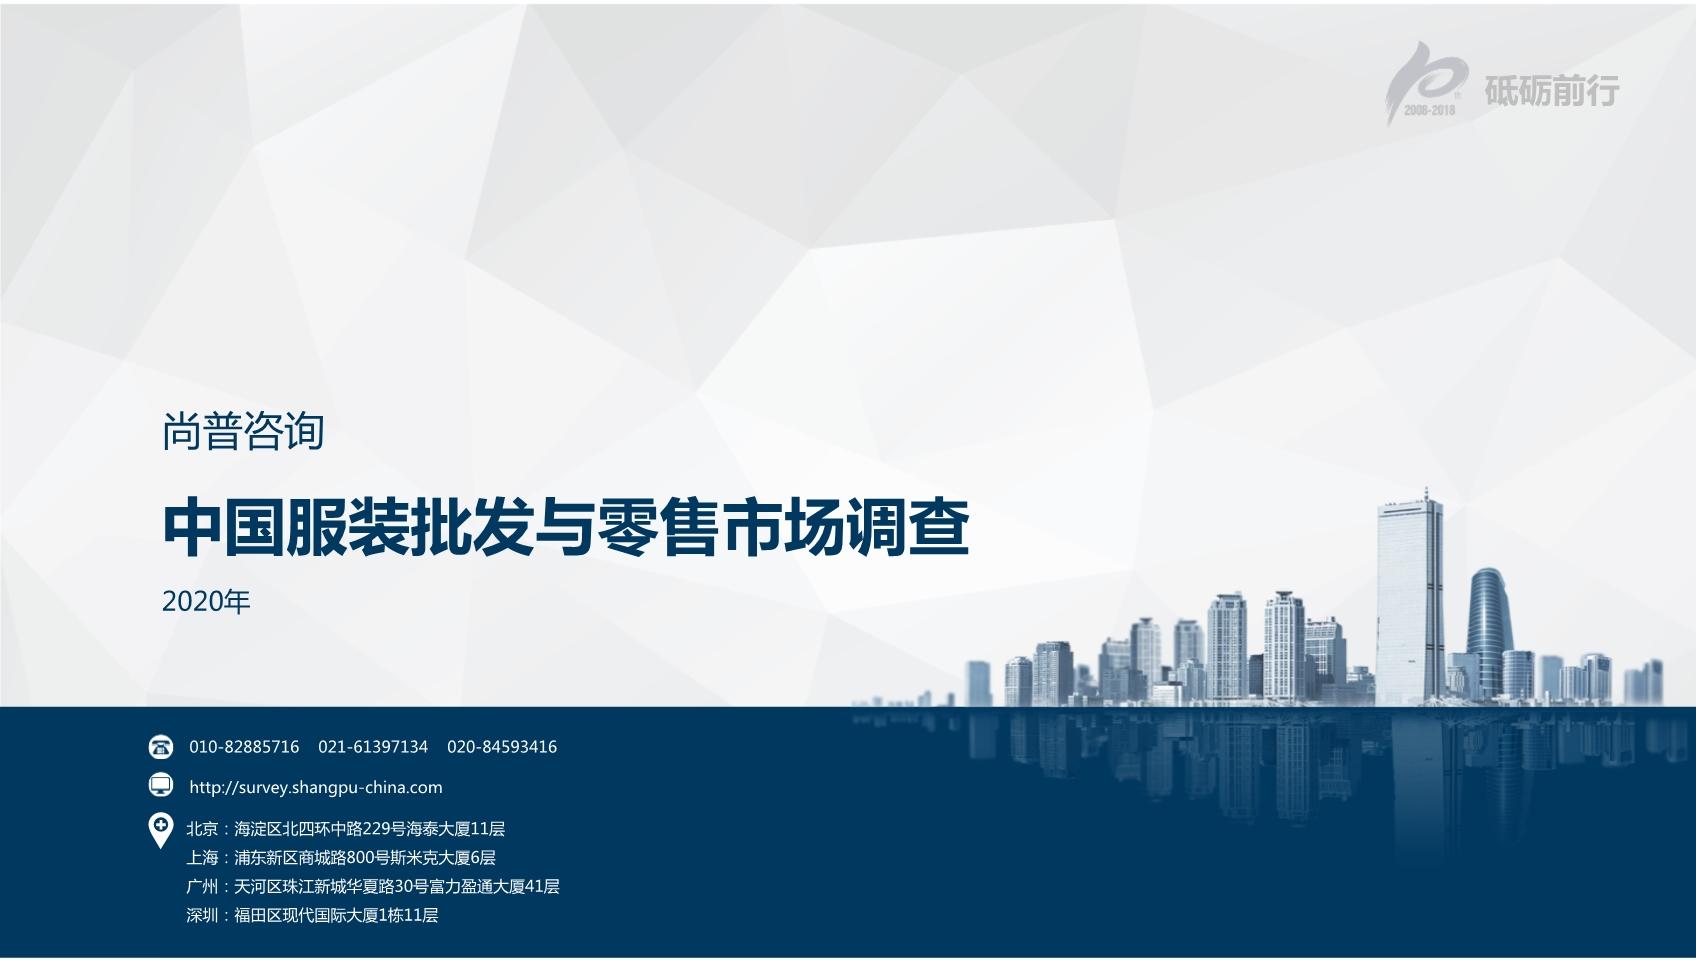 尚普咨询:2020年中国服装批发与零售市场调查